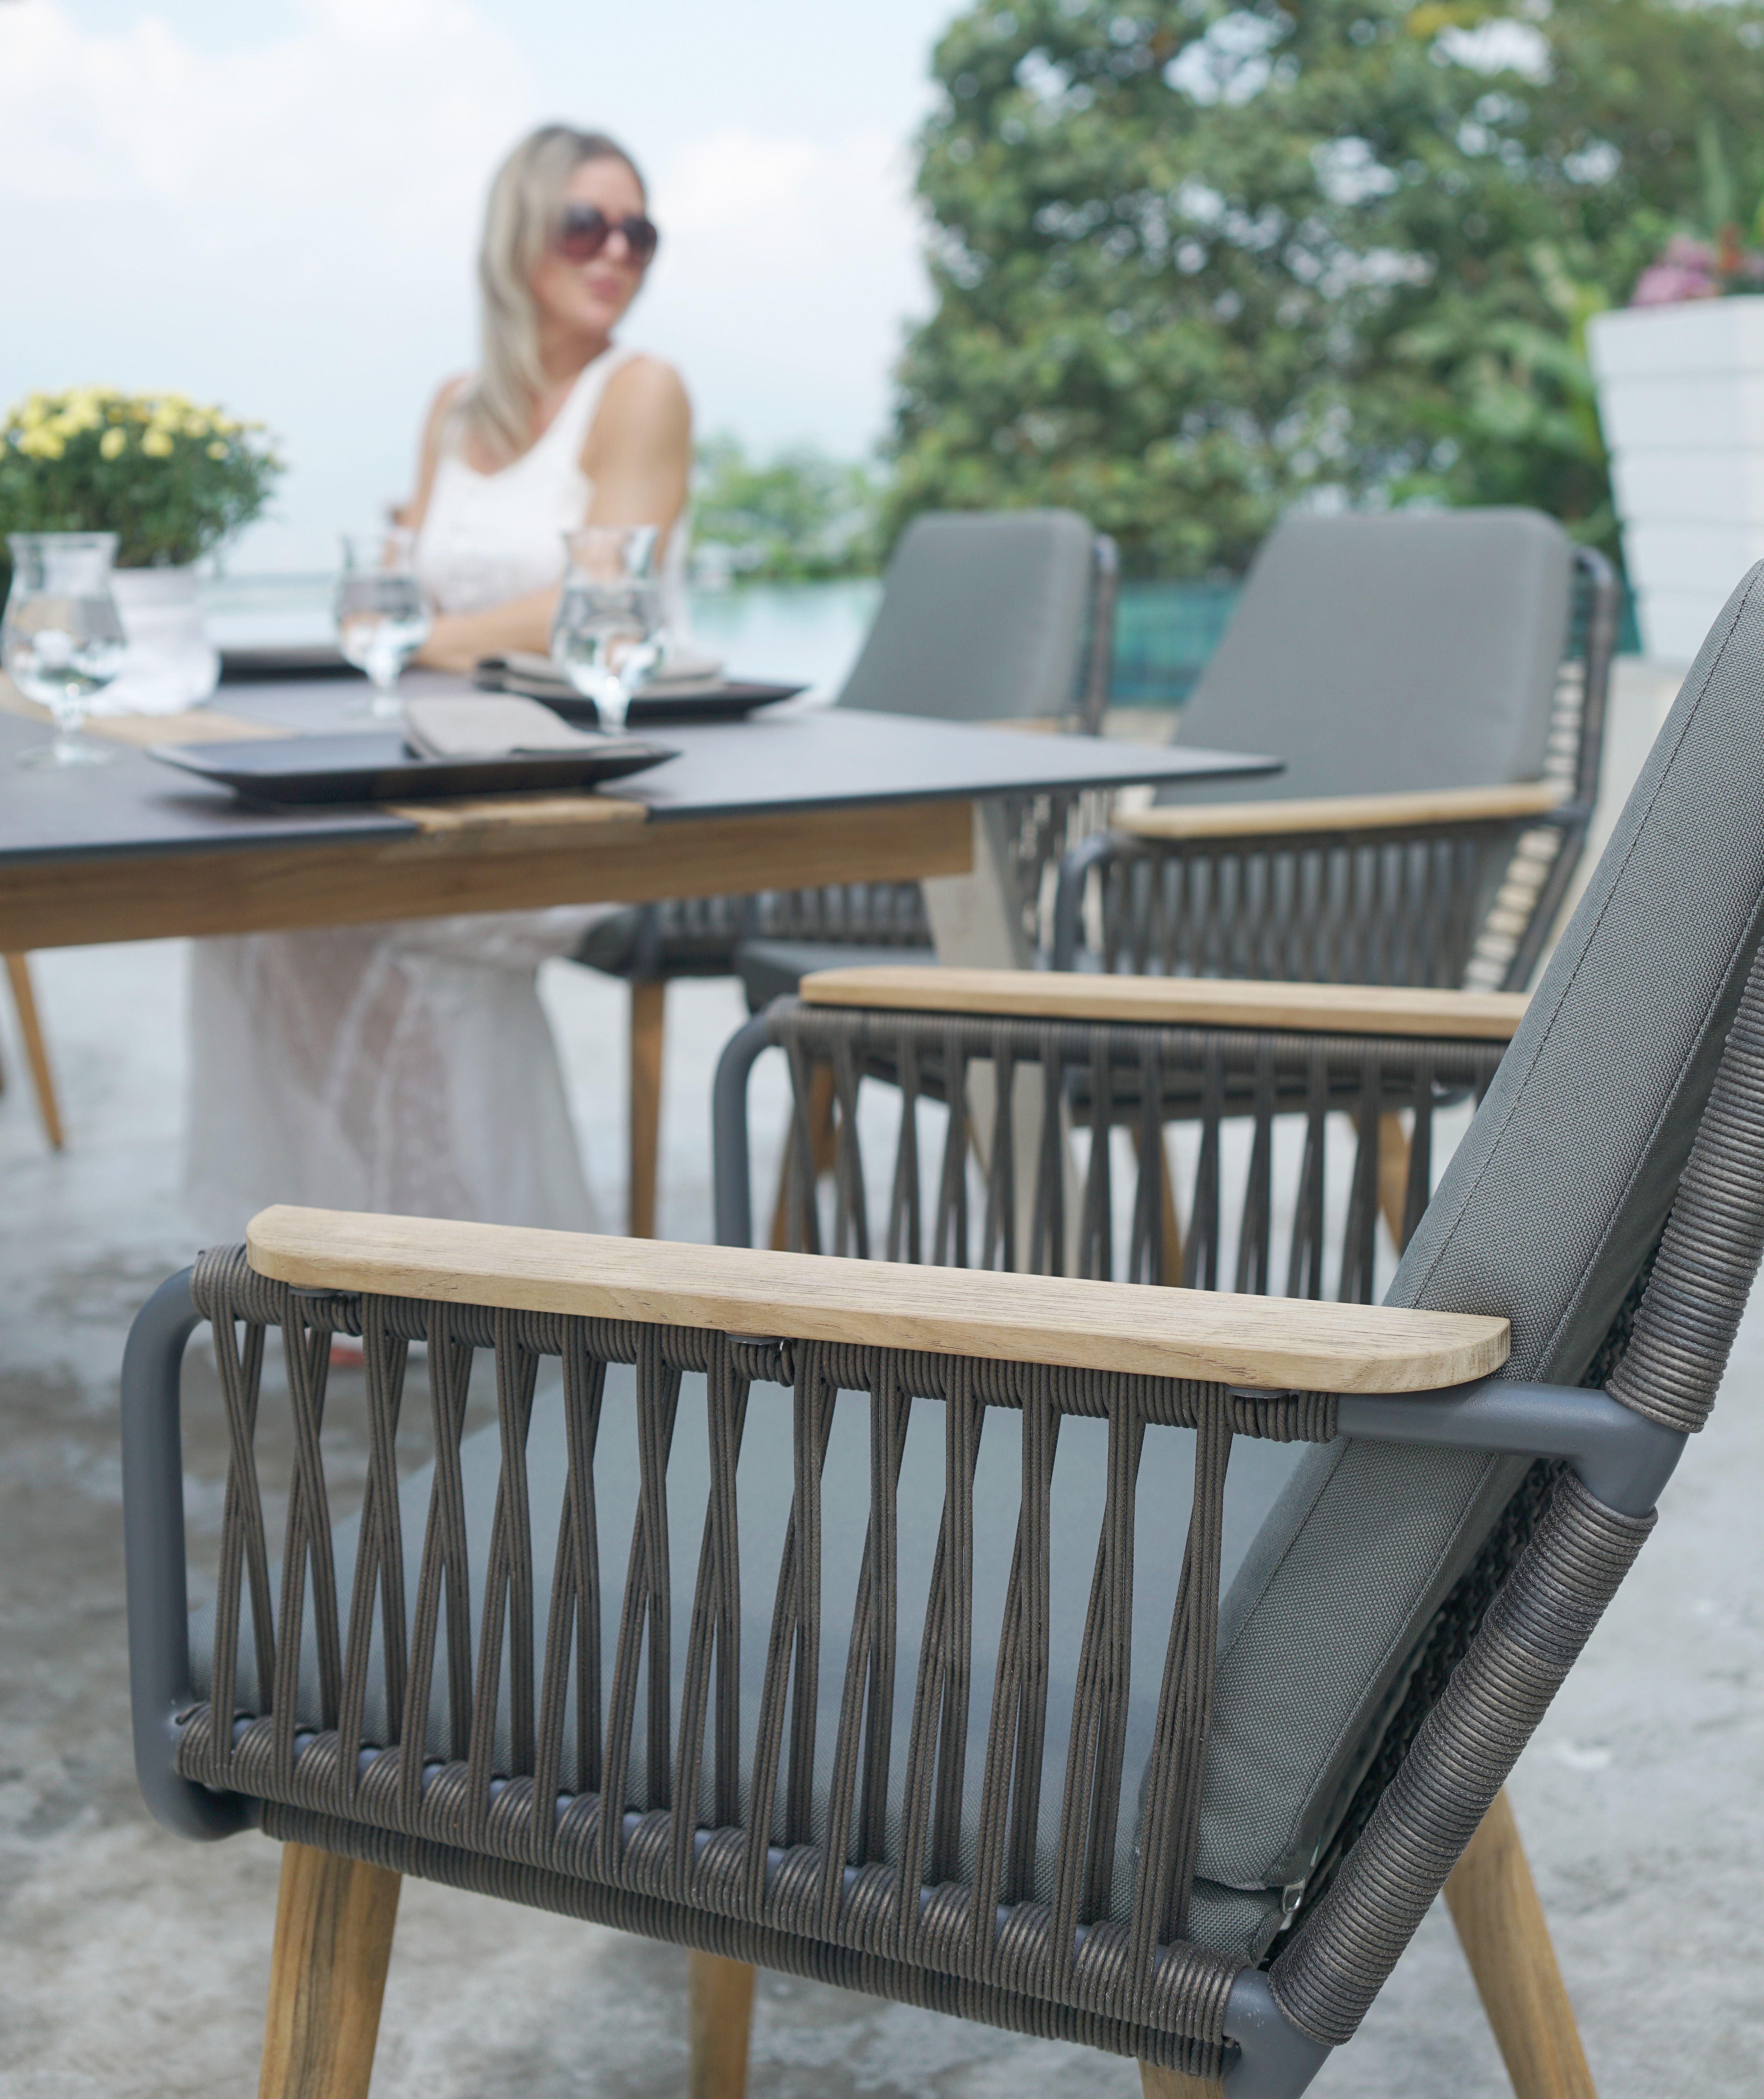 Flix Dining Sessel   ZEBRA greenline   Outdoor furniture sets ...